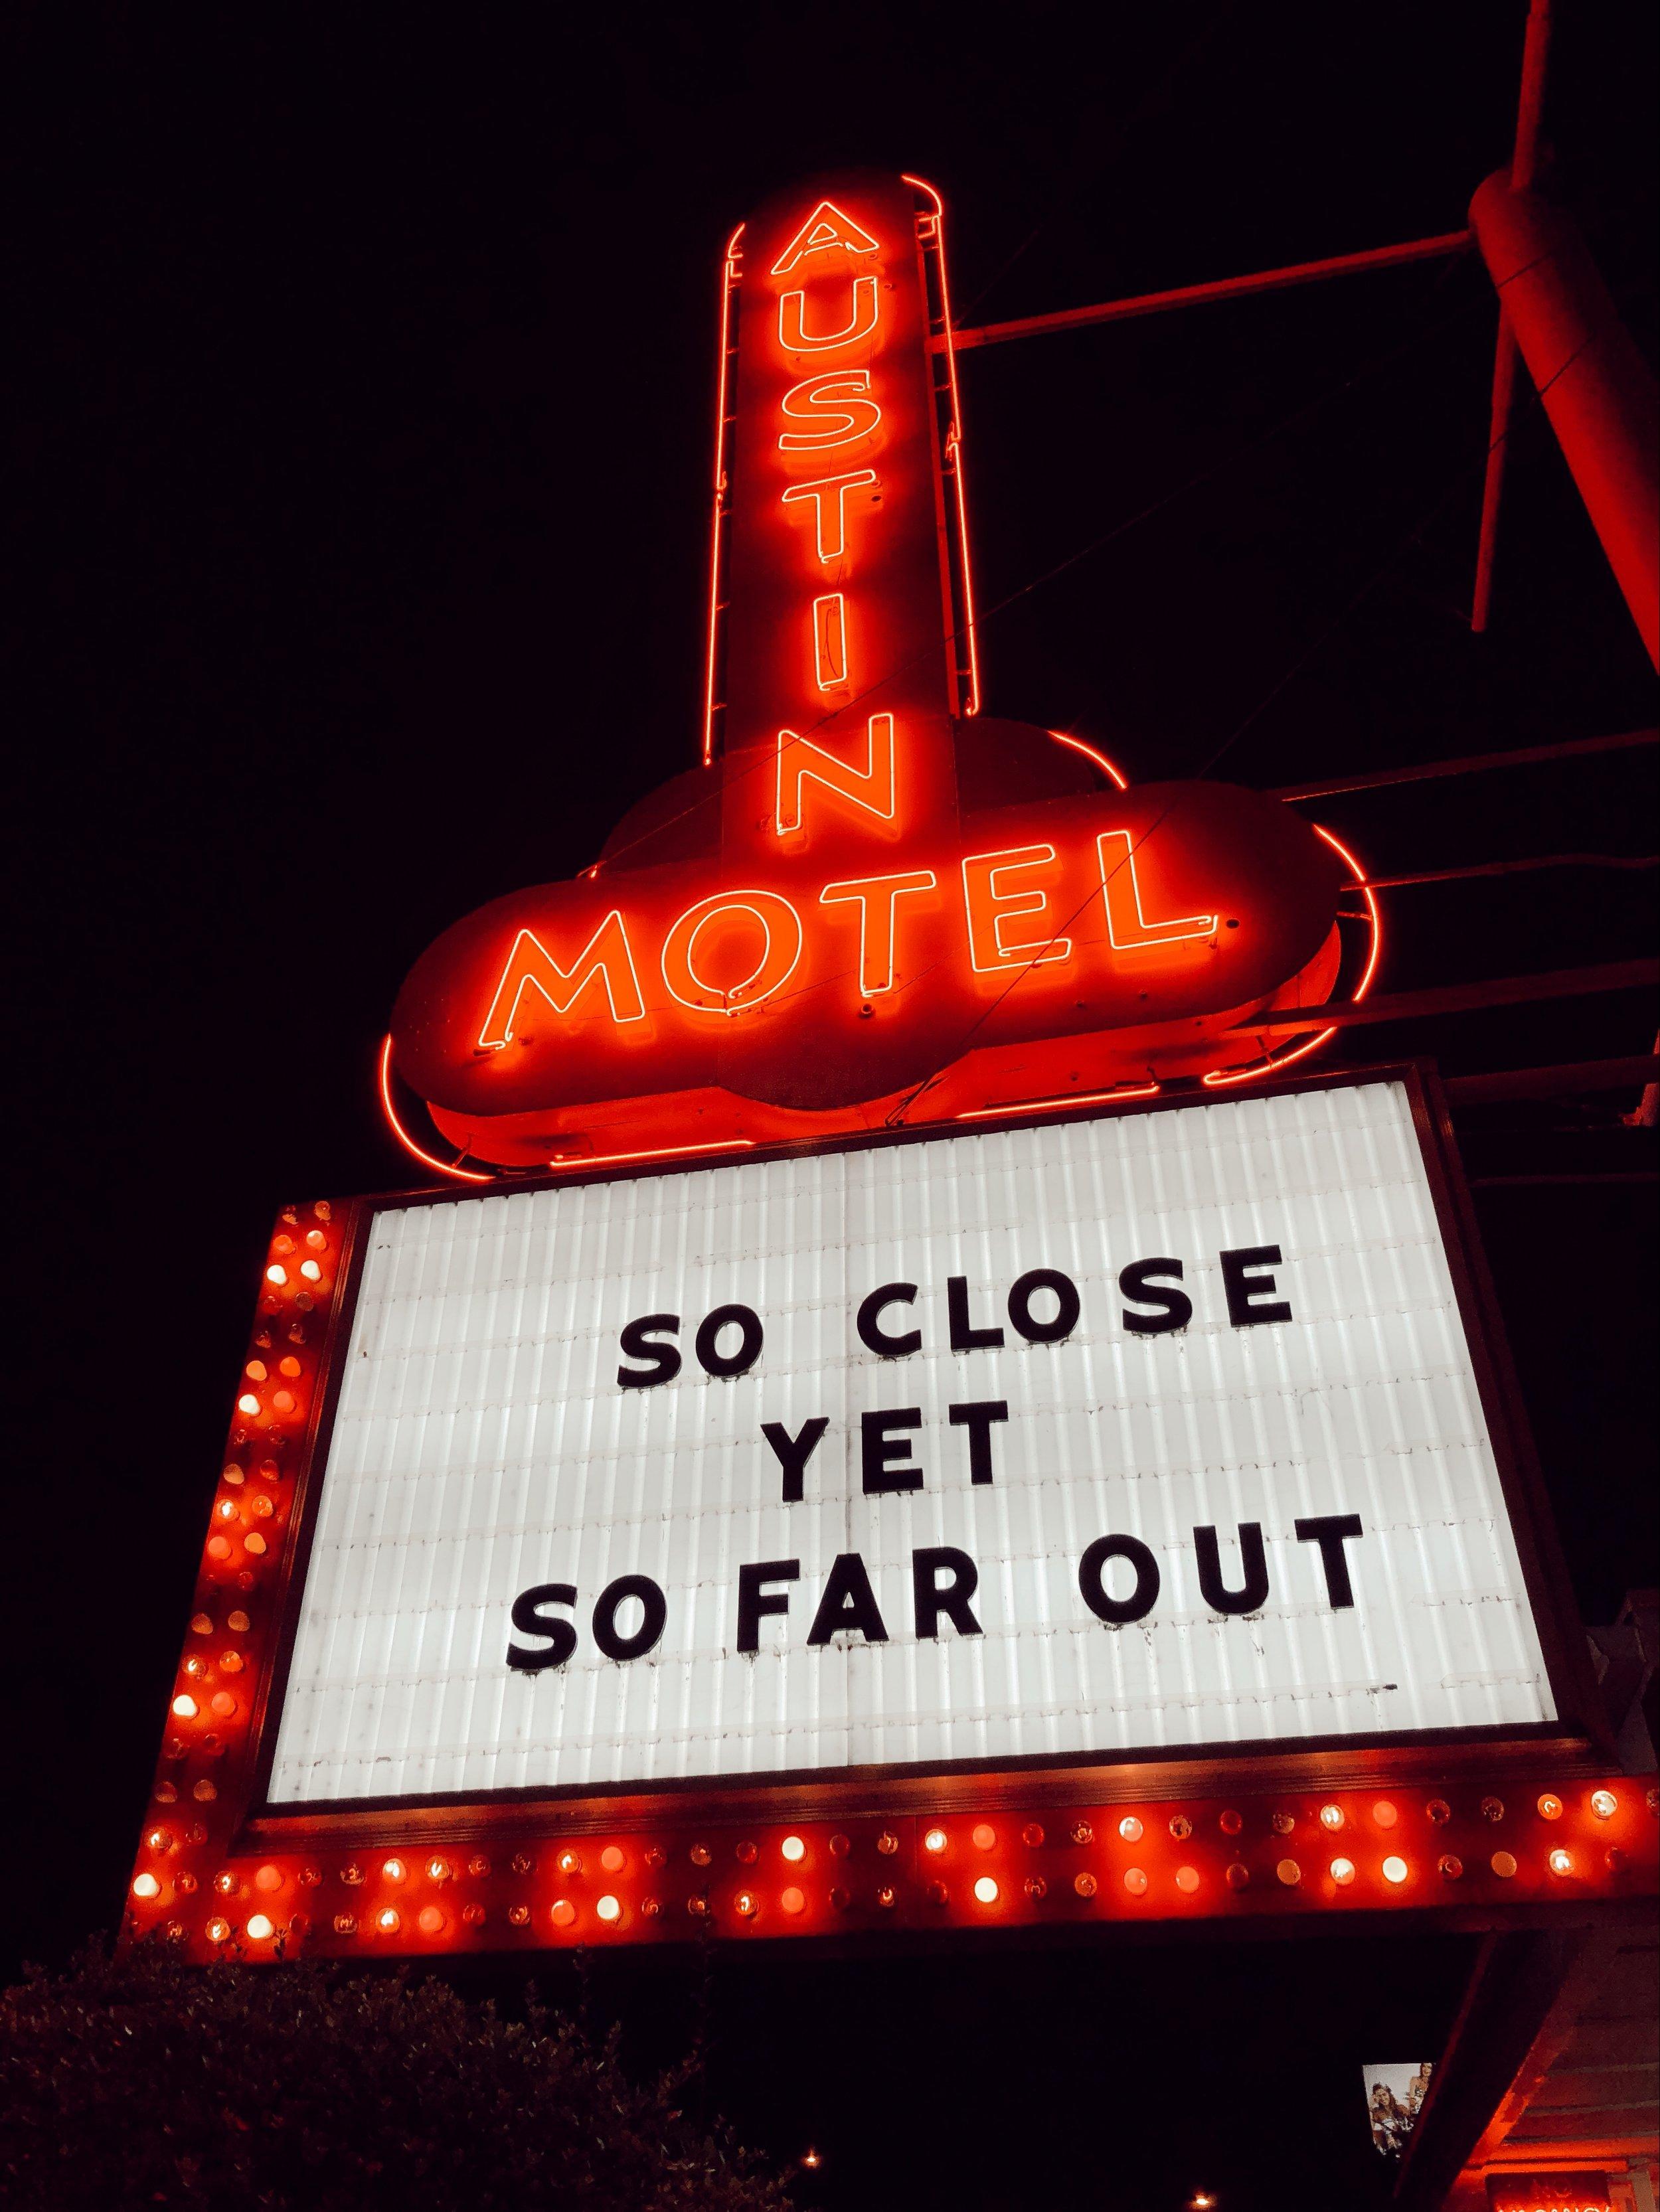 so-close-yet-so-far-out.JPG